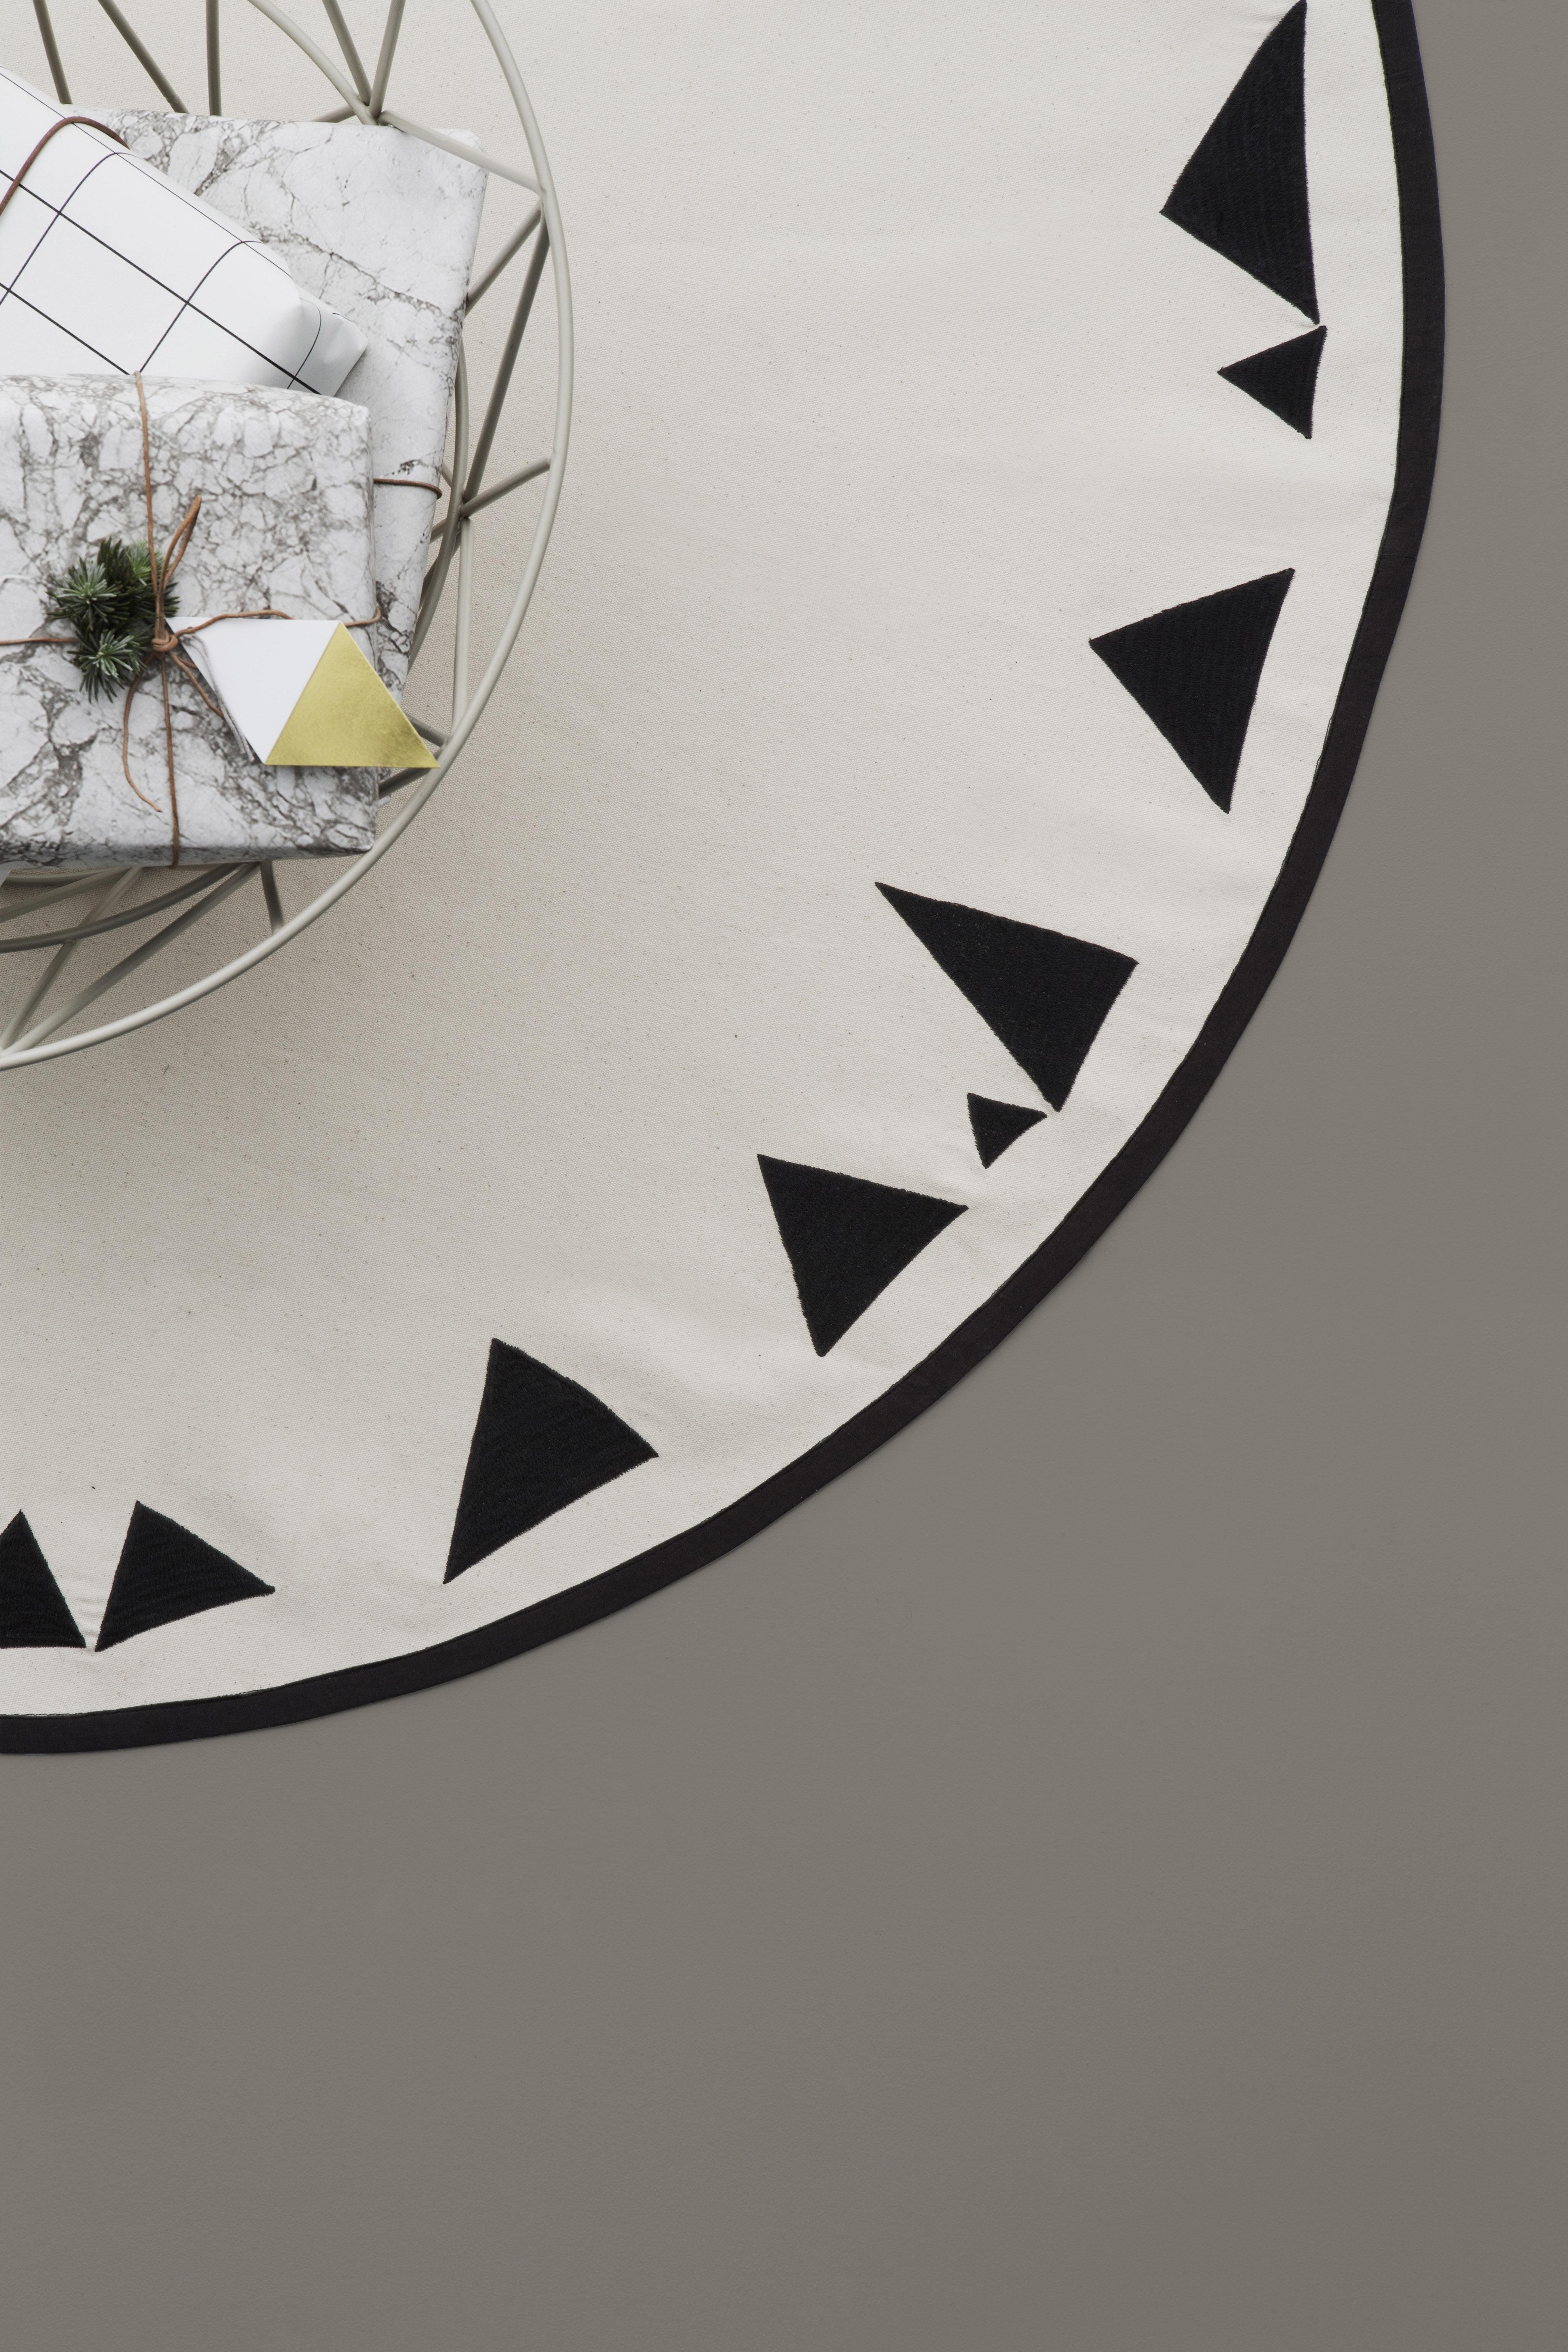 mountains f r den weihnachtsbaum 120 cm ferm. Black Bedroom Furniture Sets. Home Design Ideas